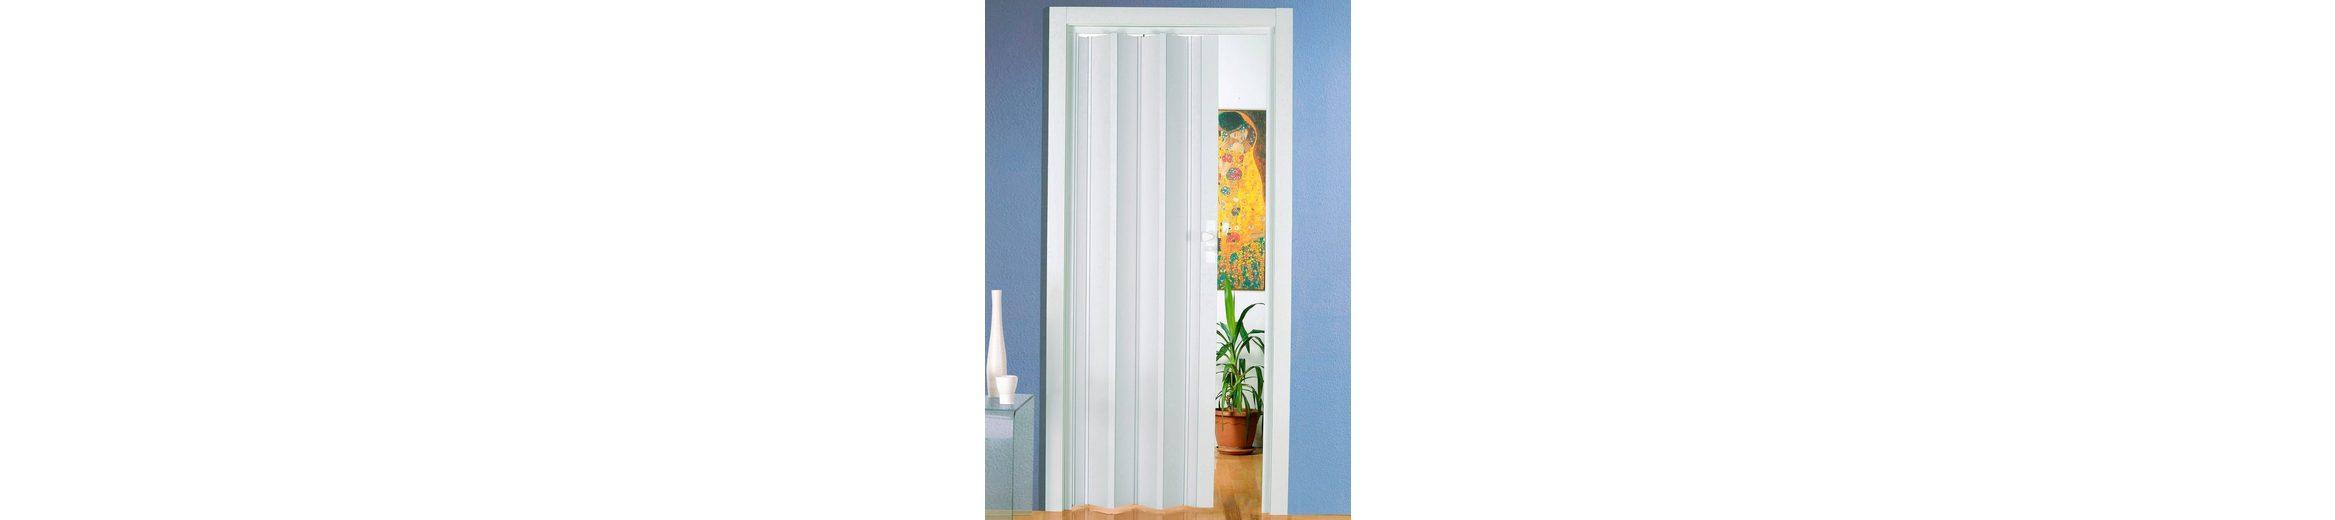 Türerweiterung für Falttür »Luciana« Höhe nach Maß, weiß (ohne Fenster)